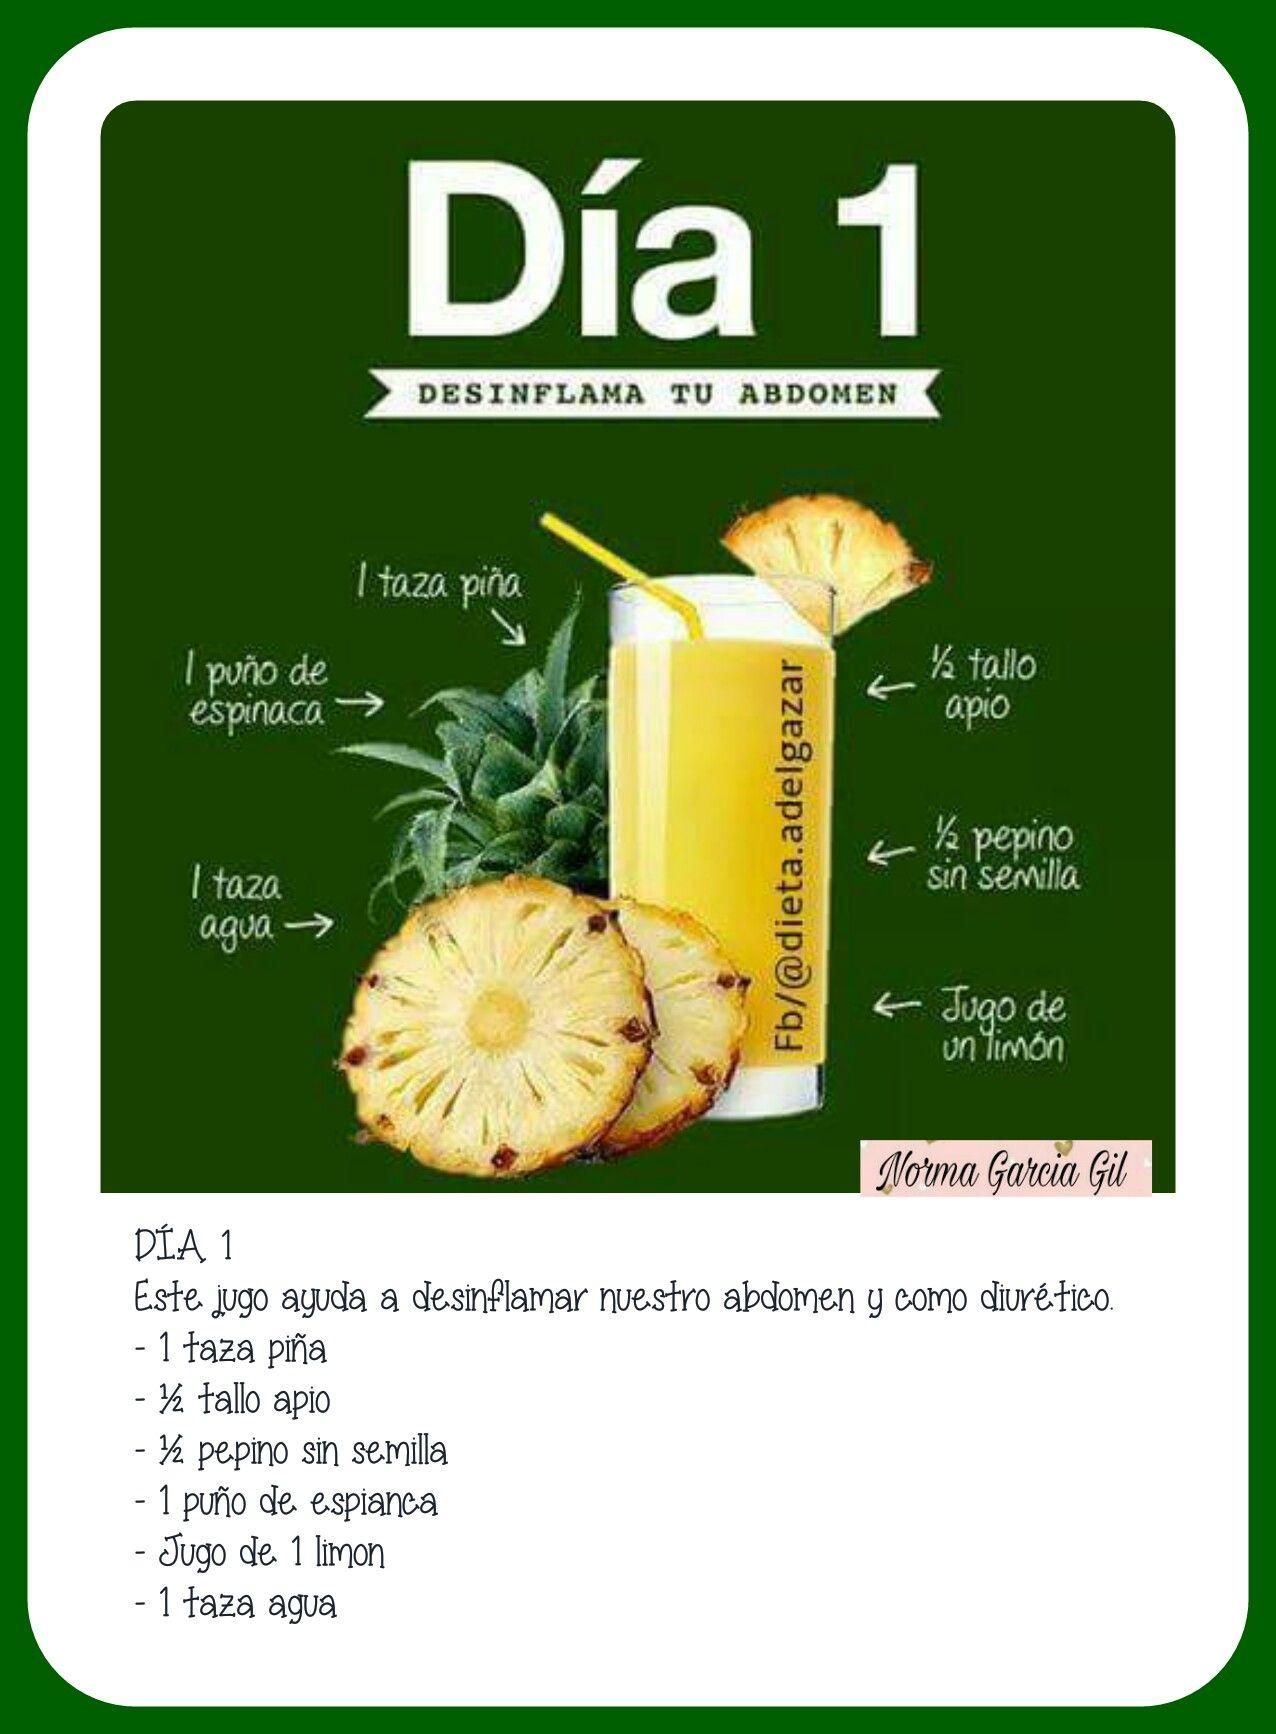 Dieta de jugos 7 dias